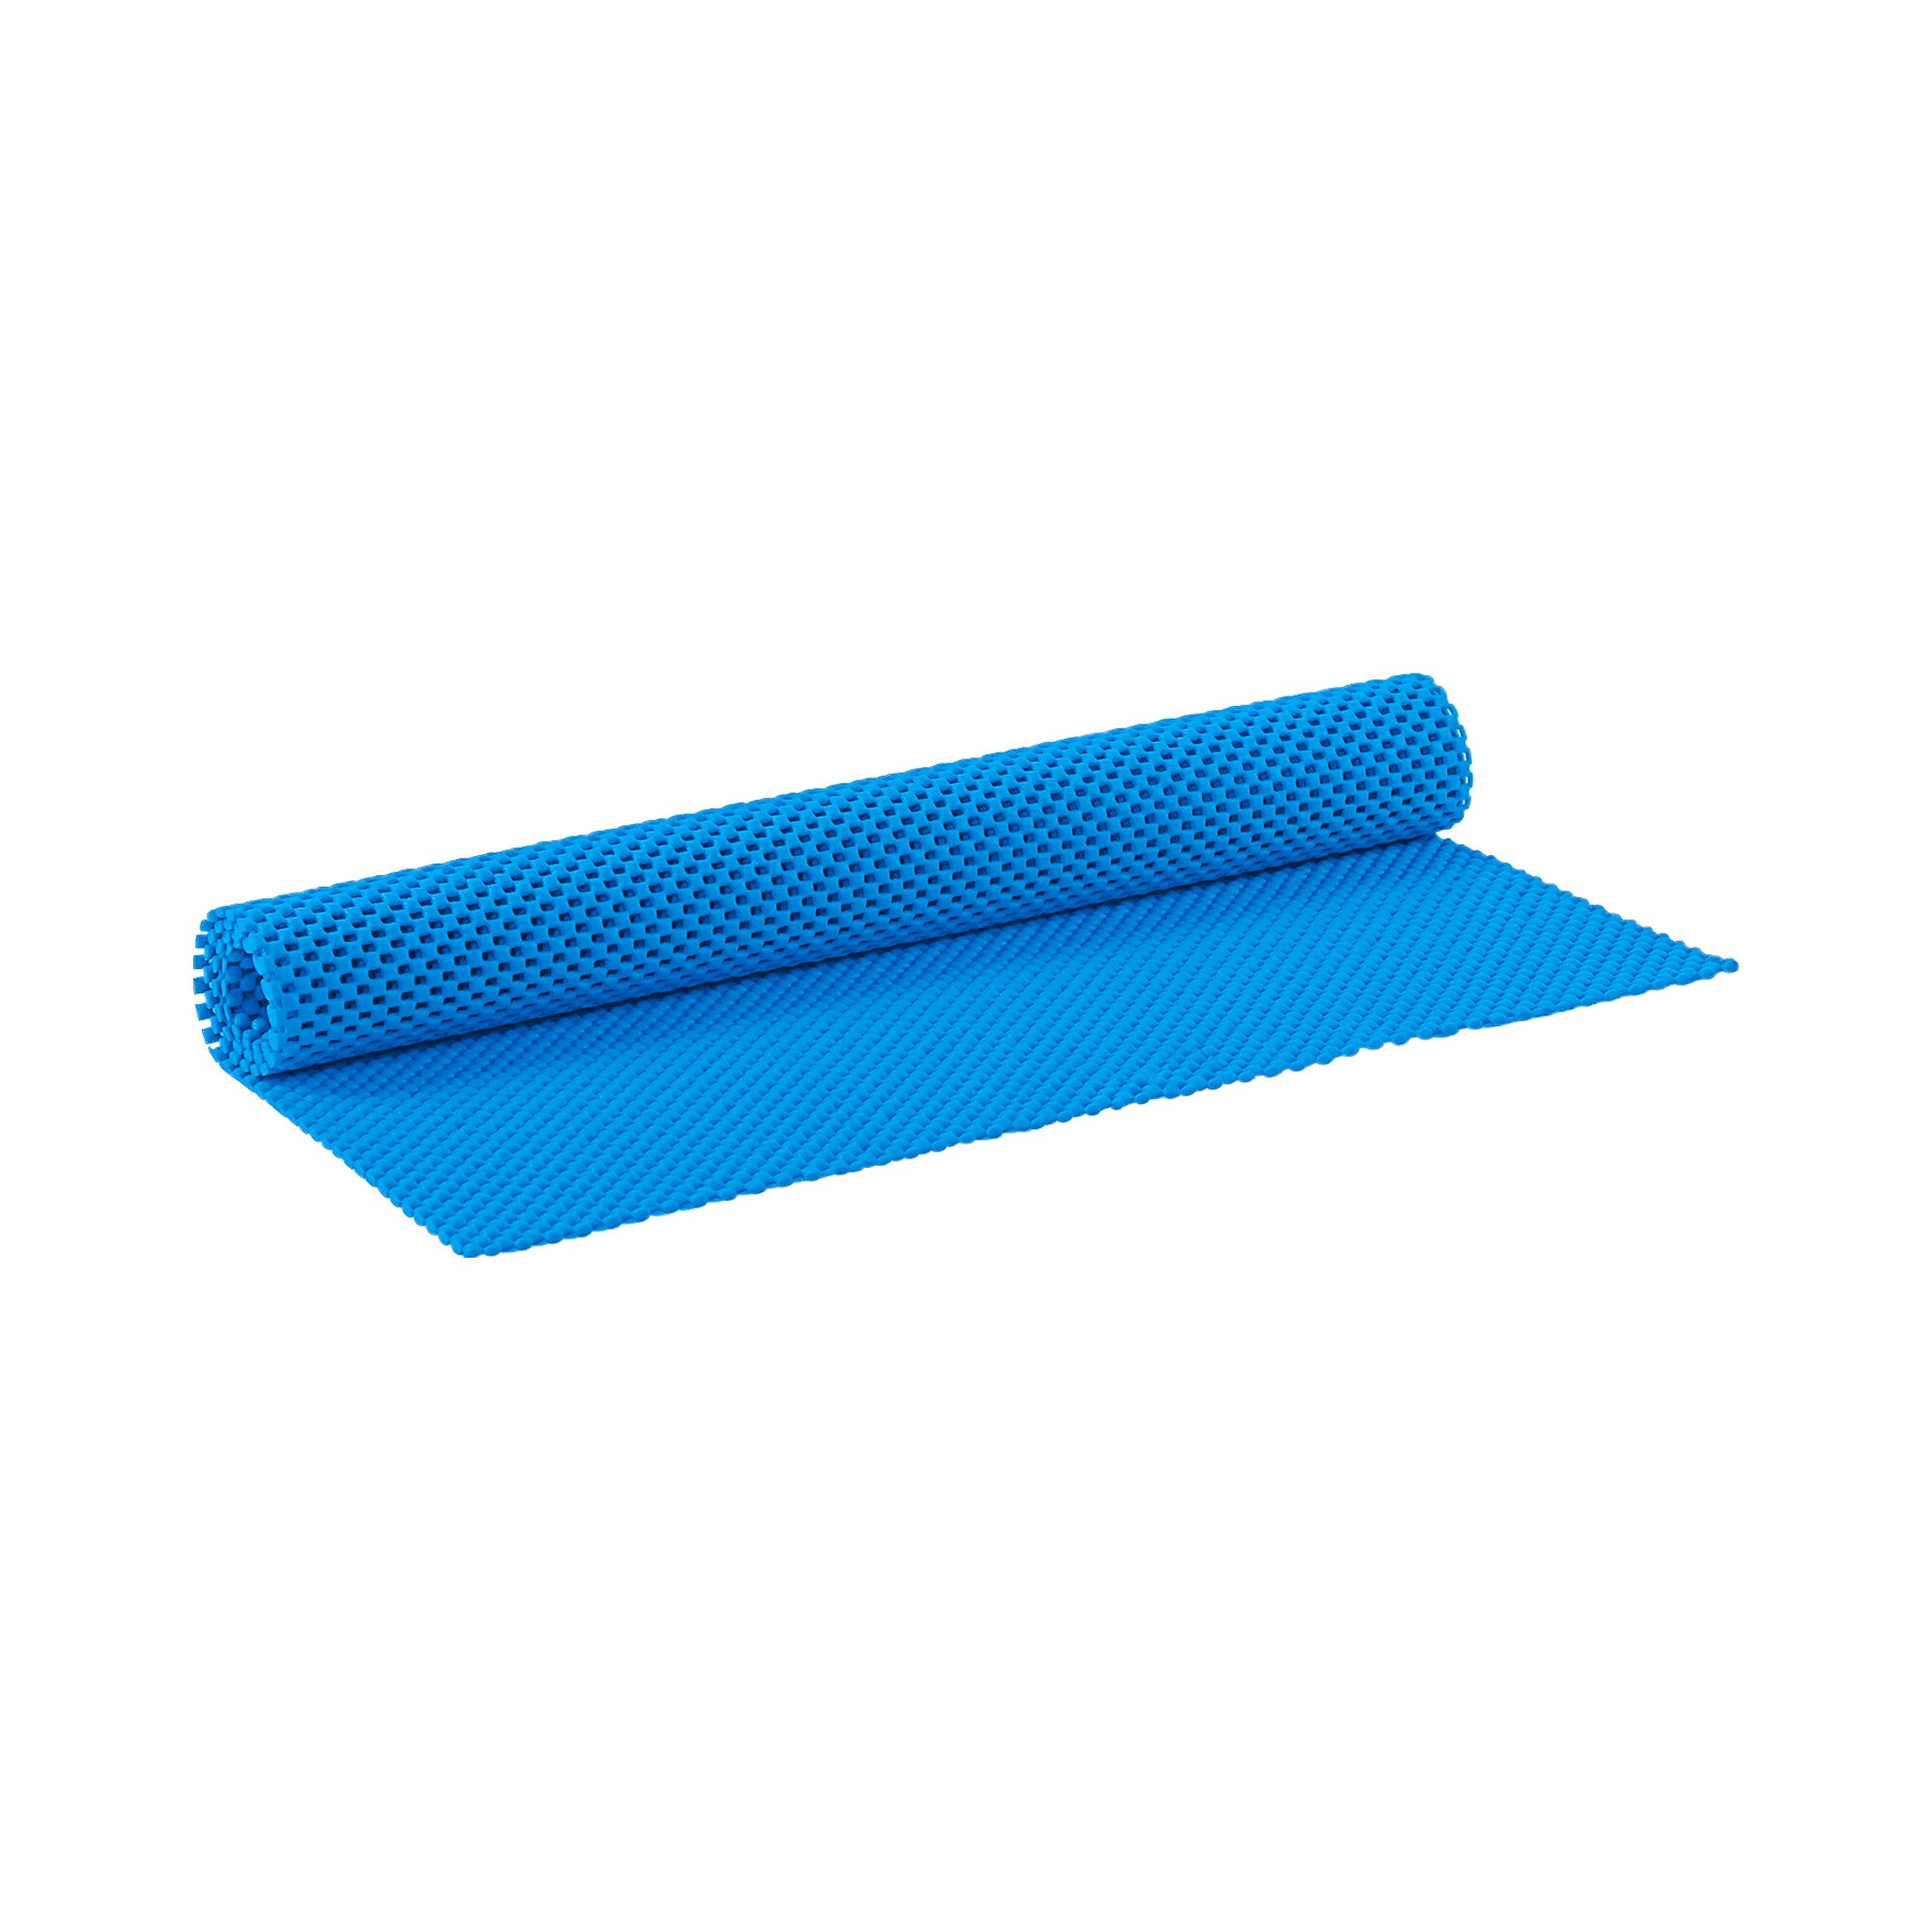 Image of Anti-Rutsch-Matte, zuschneidbar, blau